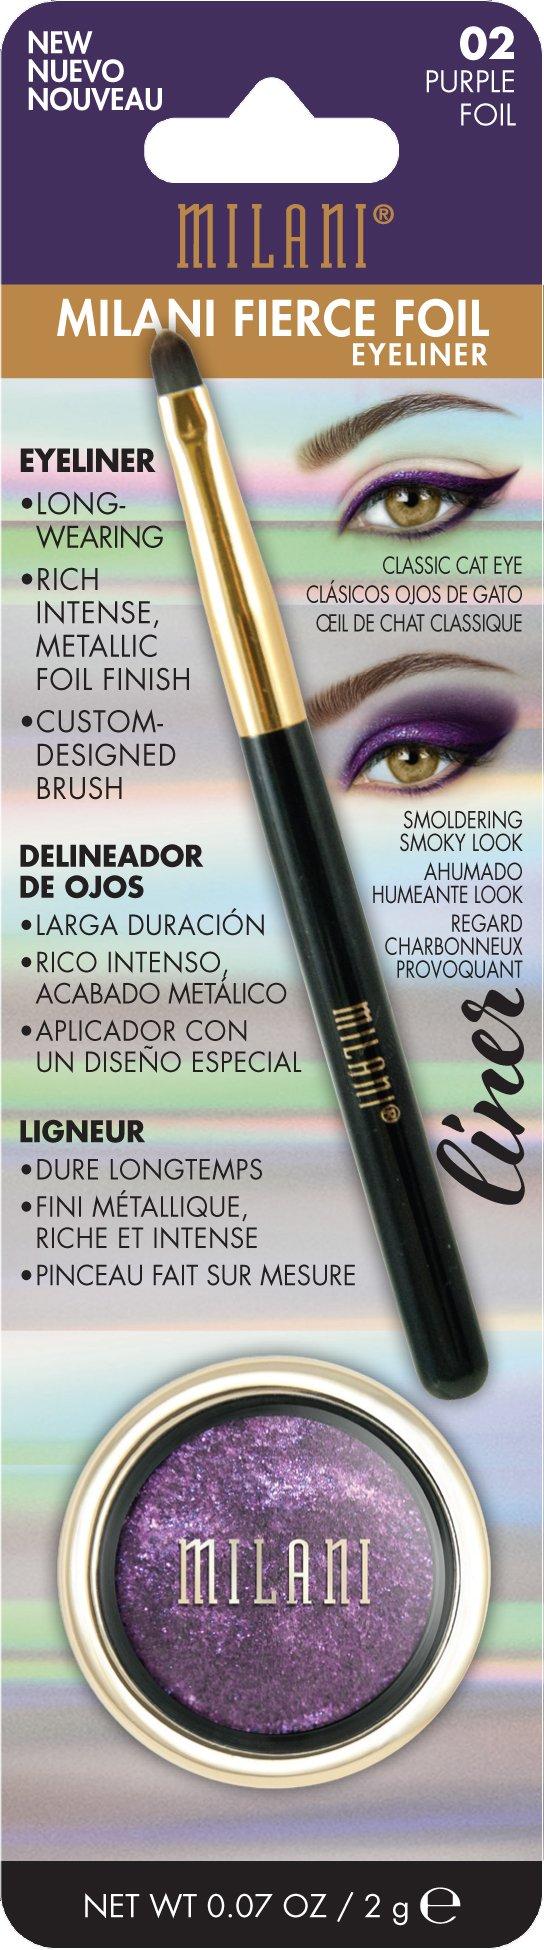 Milani Fierce Foil Eyeliner, Purple Foil, 0.07 Ounce